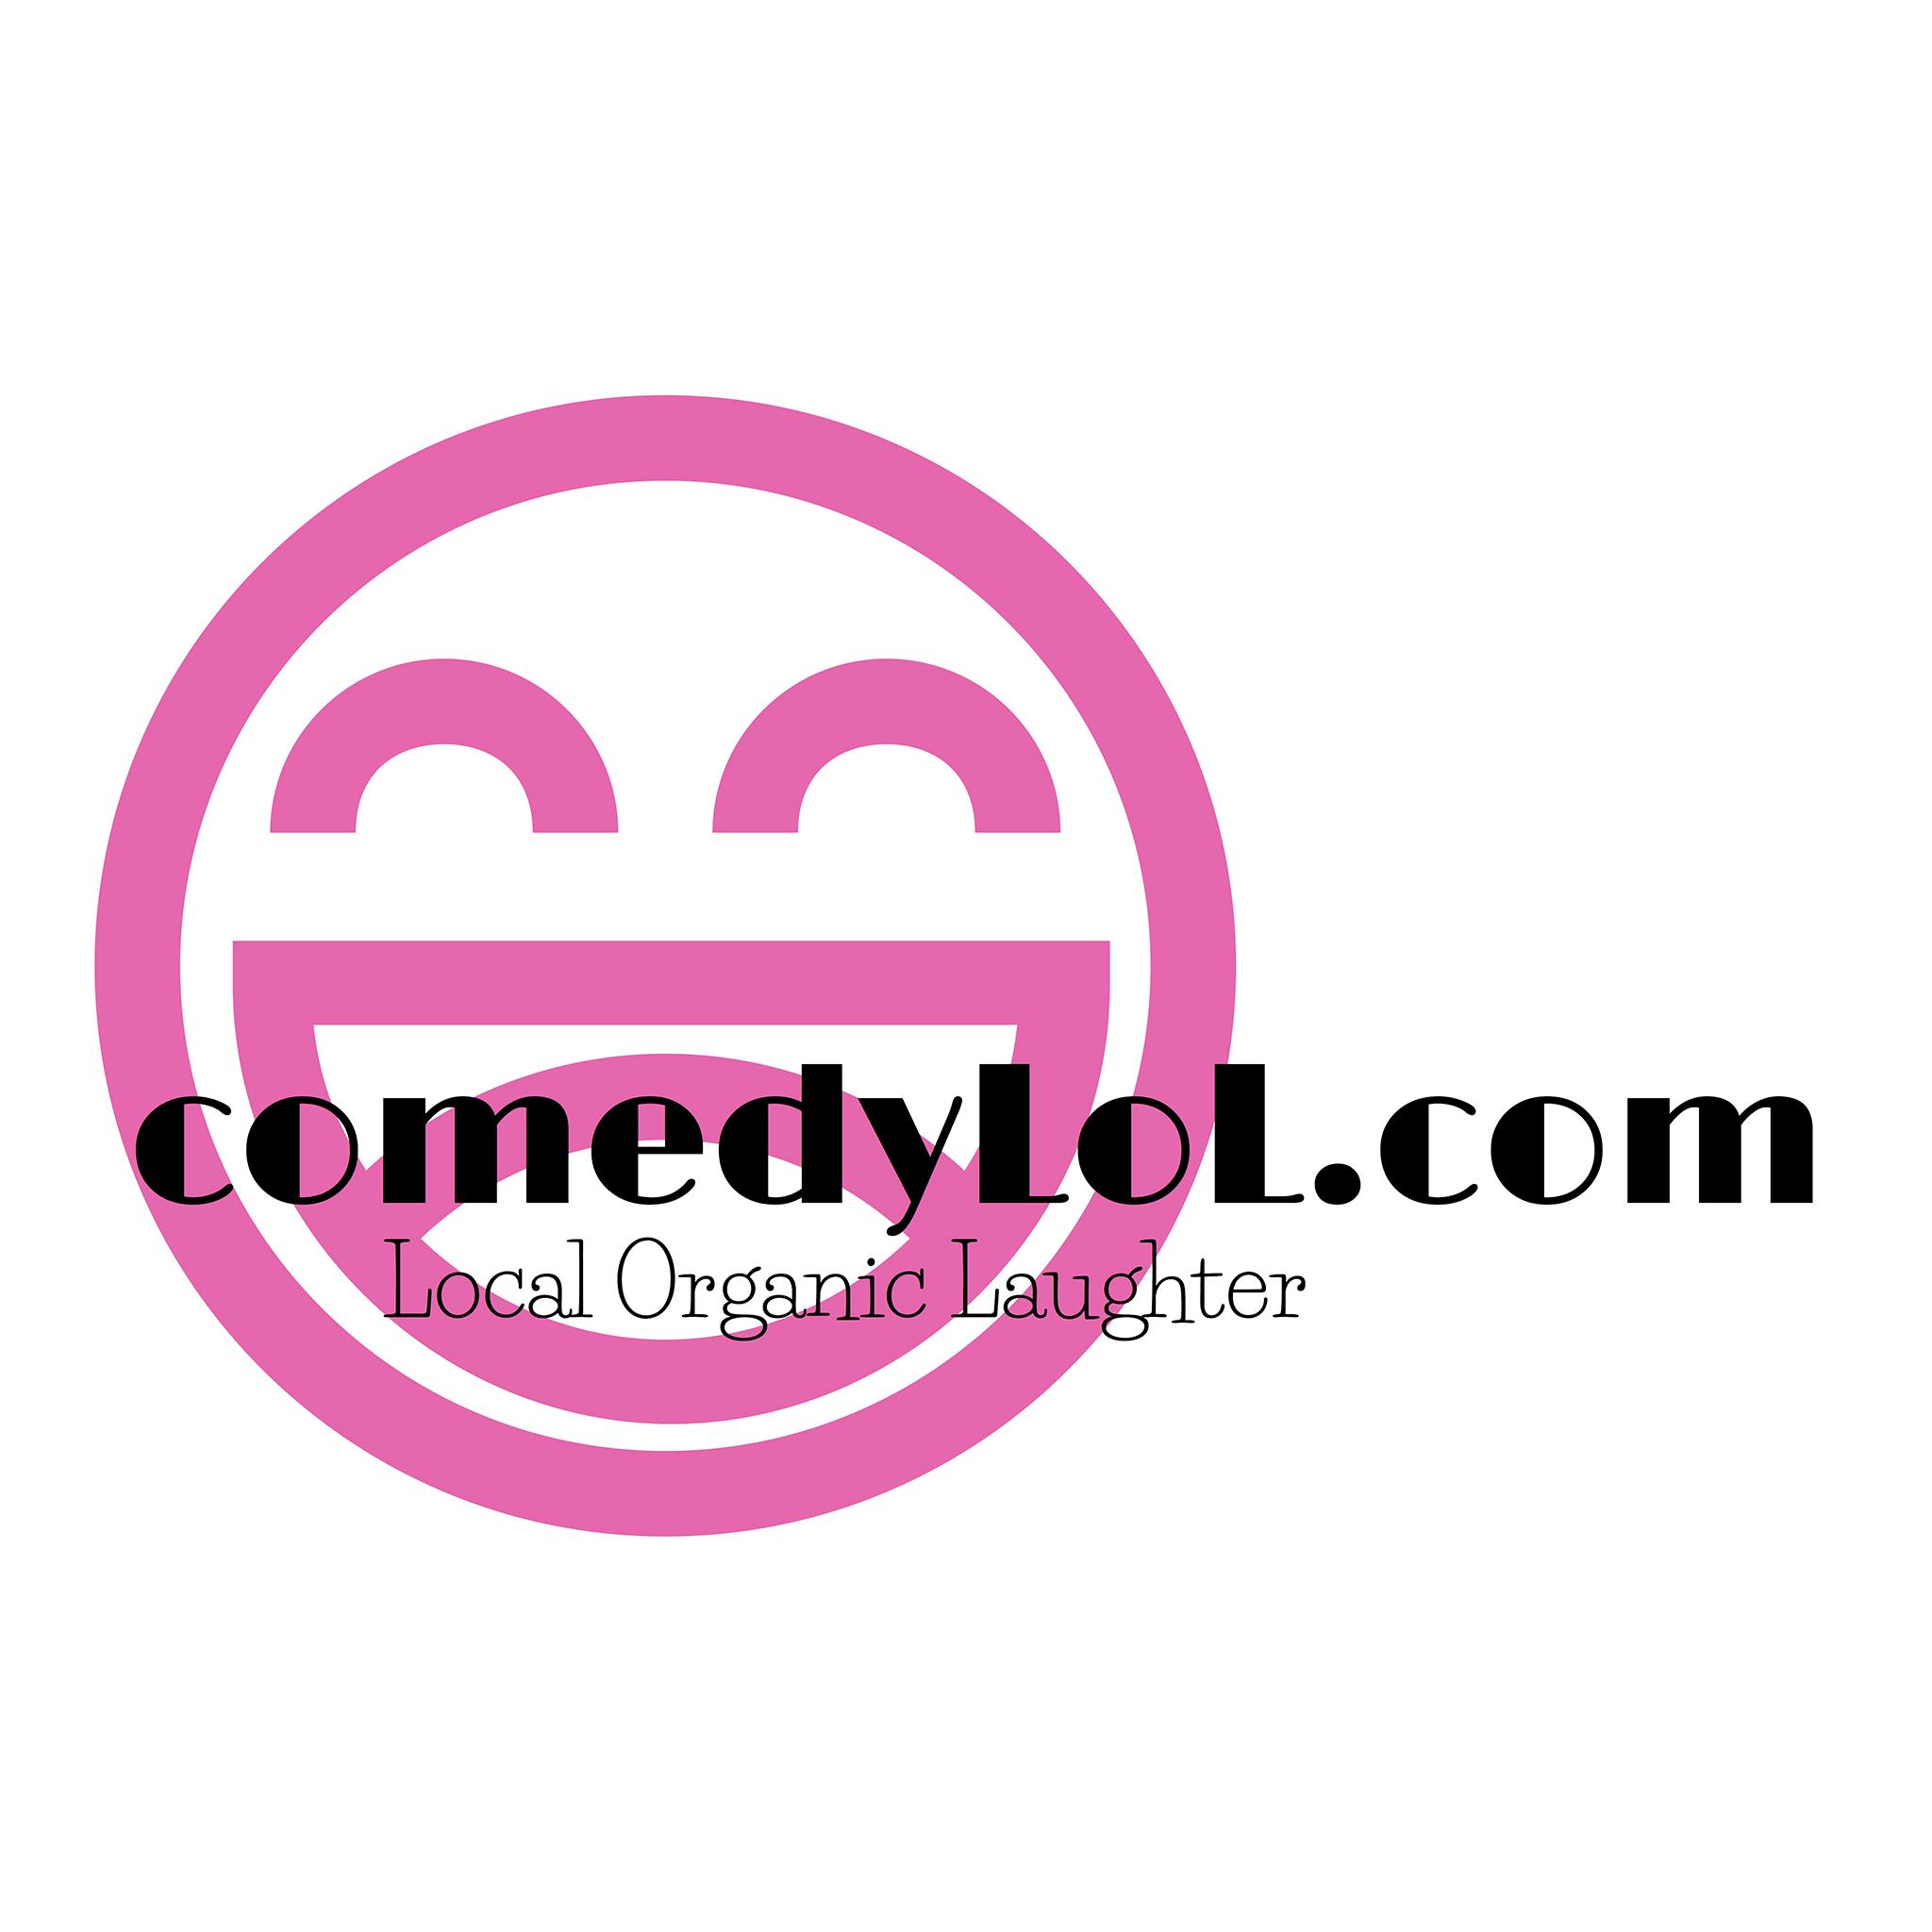 ComedyLoL.com Network